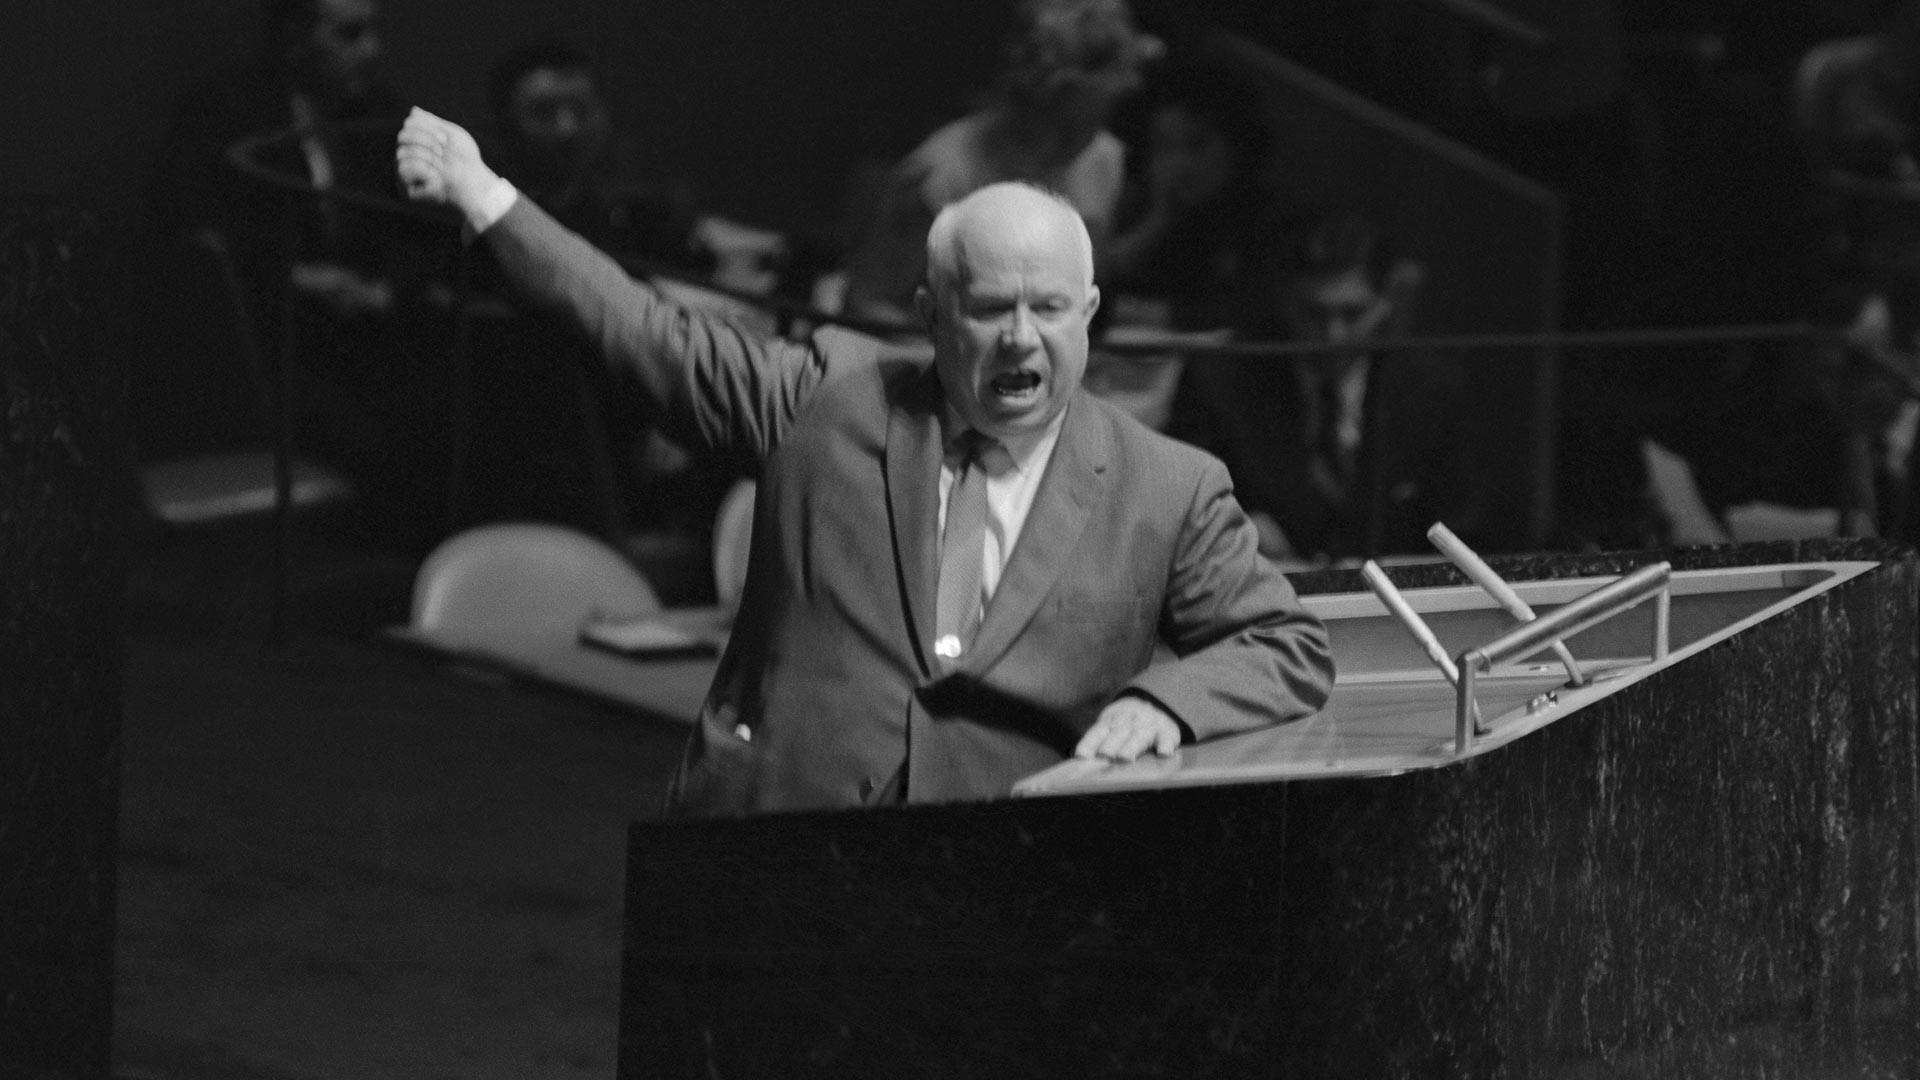 En 1960, il a prononcé un discours légendaire à l'Onu et aurait brandi sa chaussure - ce qui est un mythe, il a seulement promis de montrer à tout le monde la « Kouz'kina mat' » (« Mère de Kouzma », l'expression idiomatique russe pour exprimer une menace).